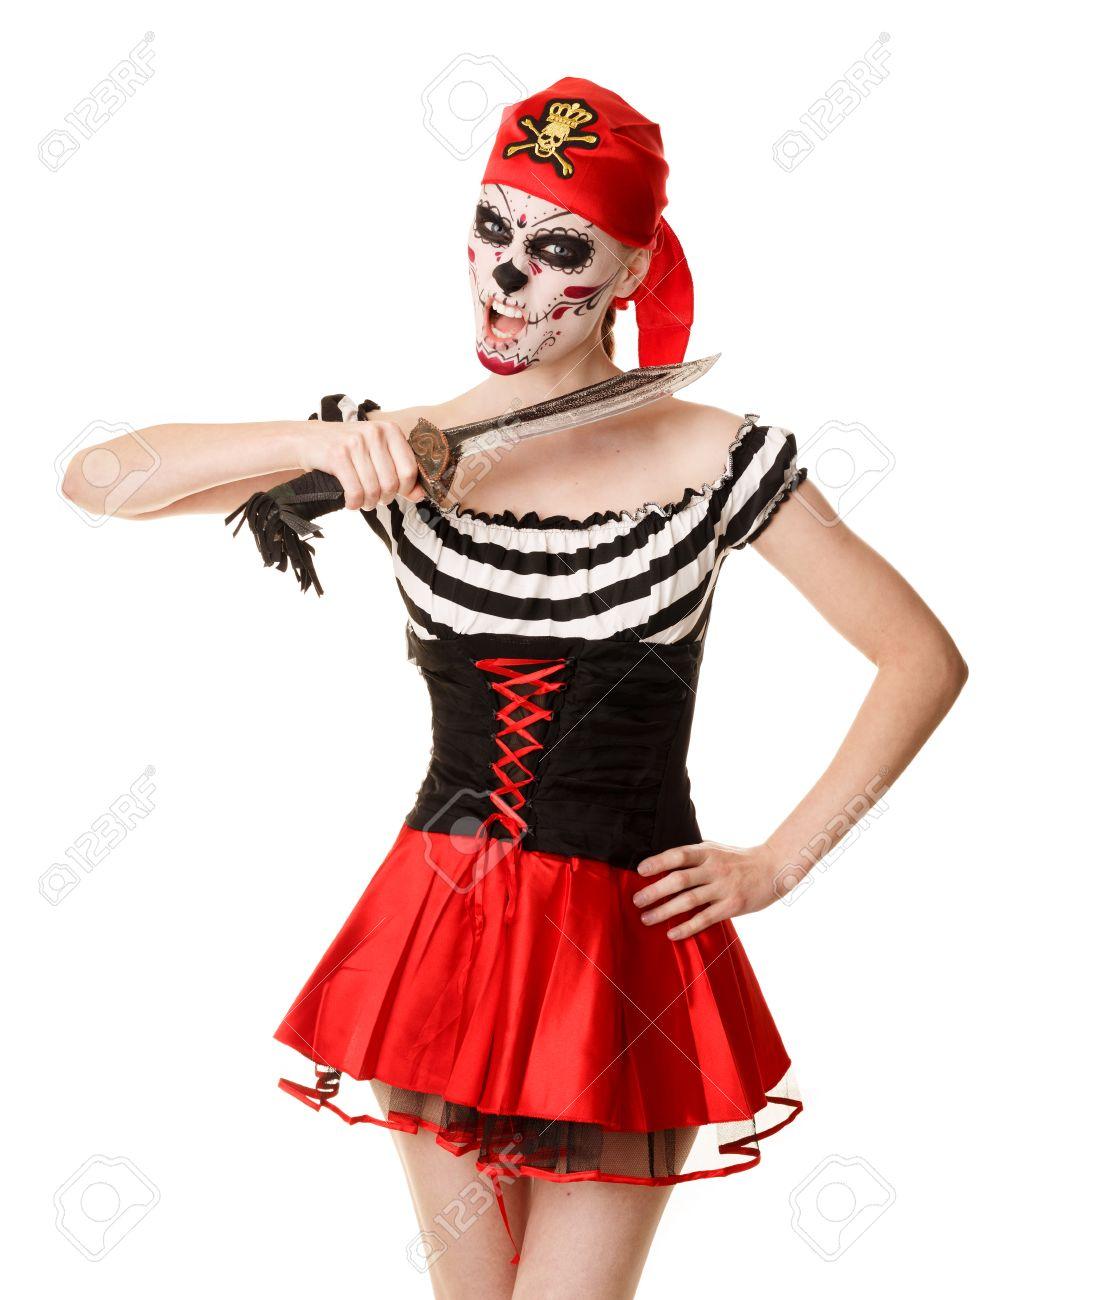 Disfraz De Halloween Mujer Pirata Con Una Espada Maquillaje - Maquillaje-de-pirata-para-mujer